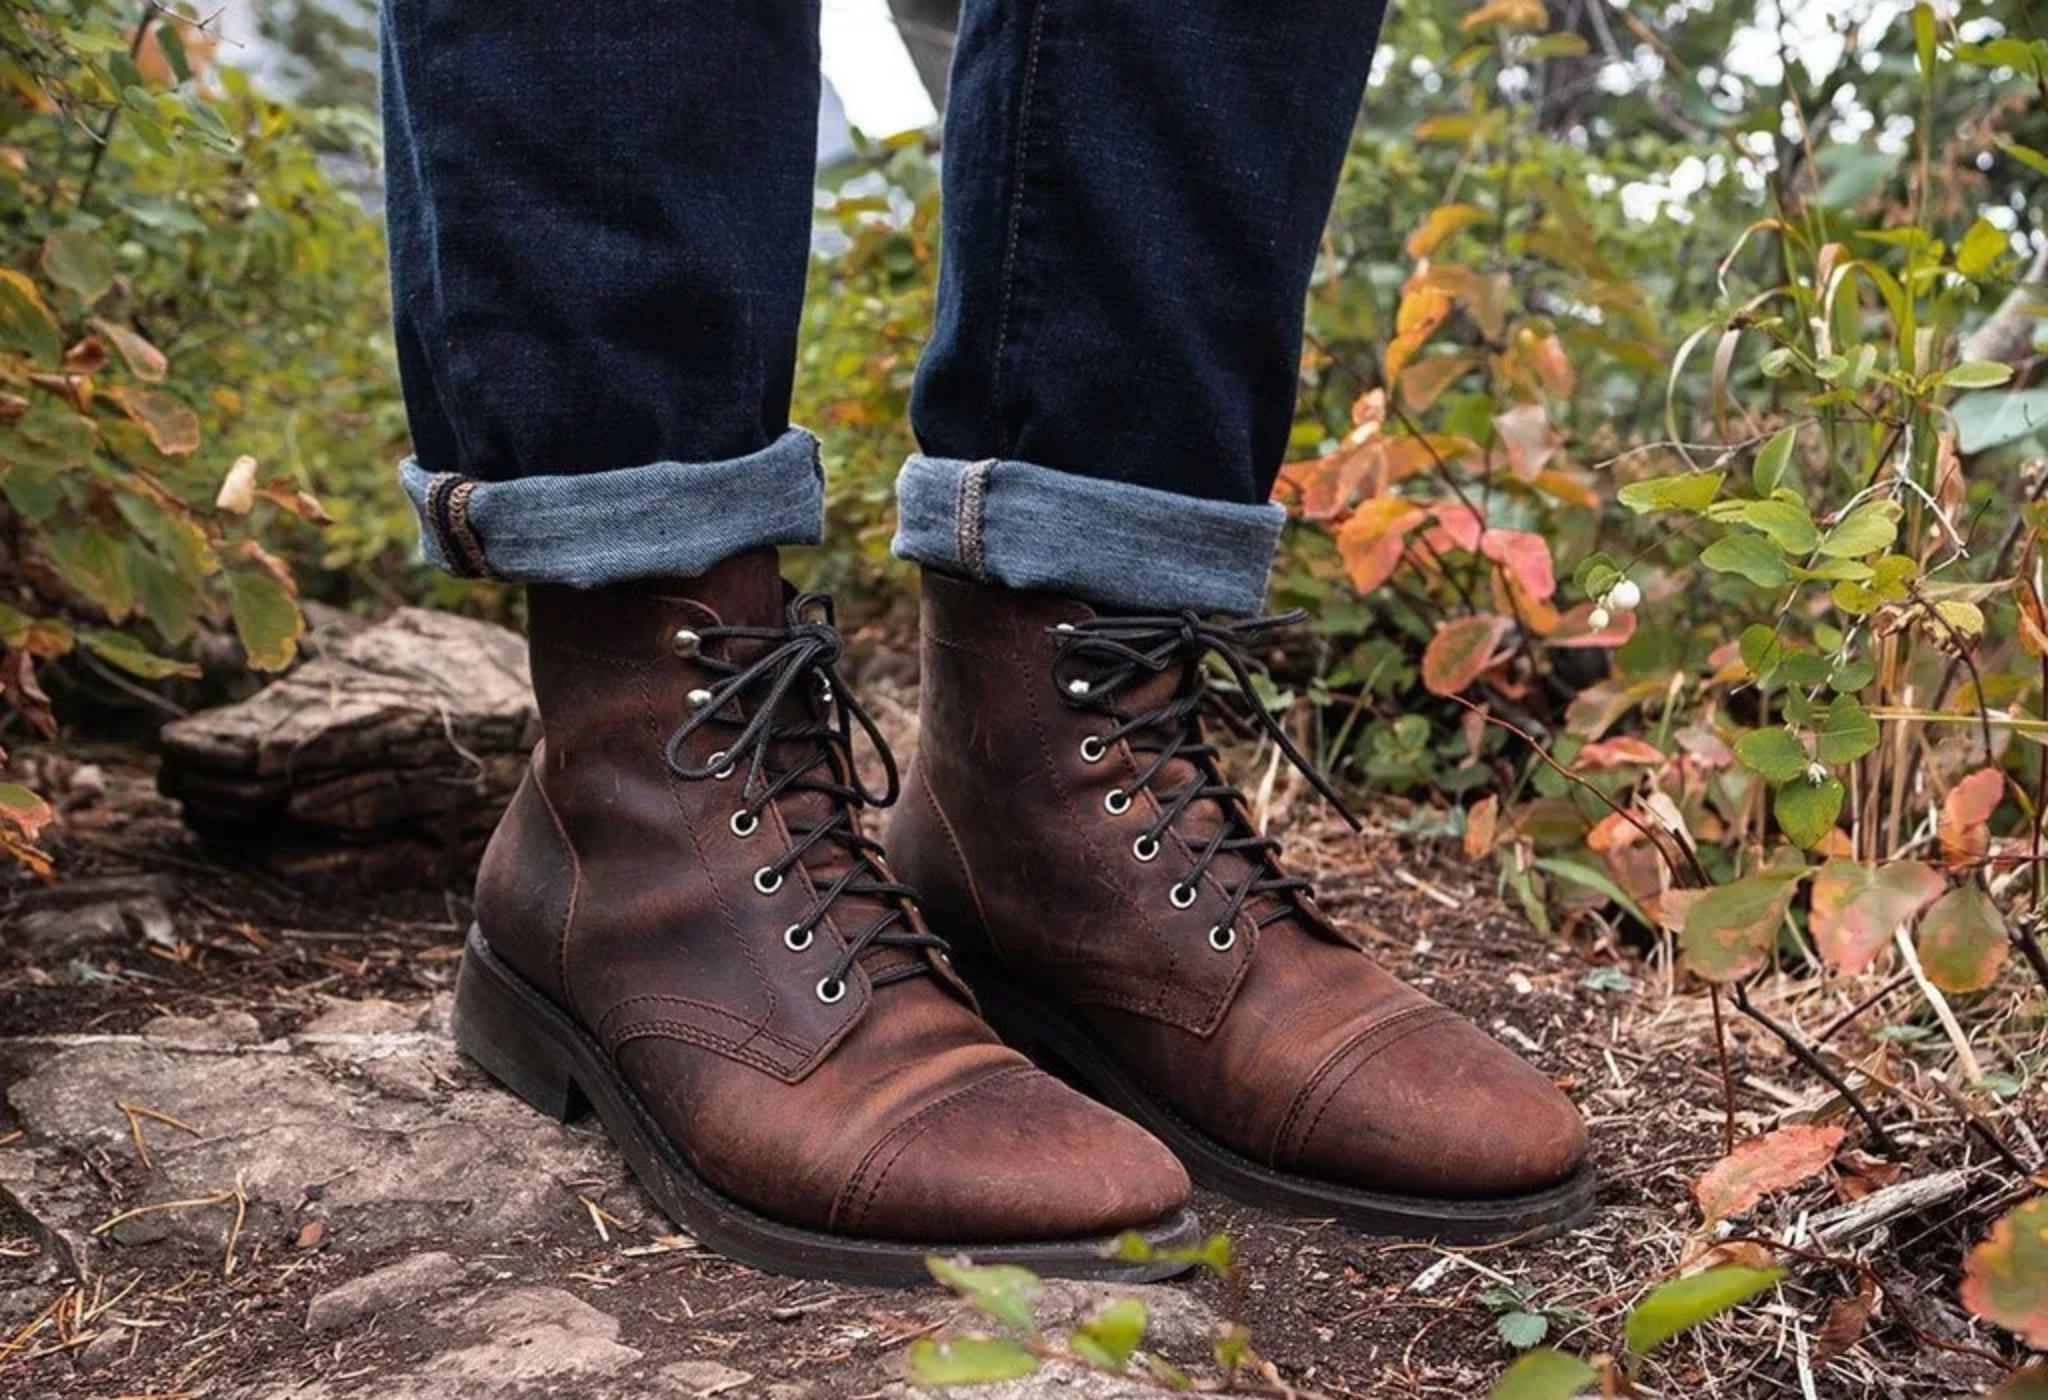 botas de couro masculino